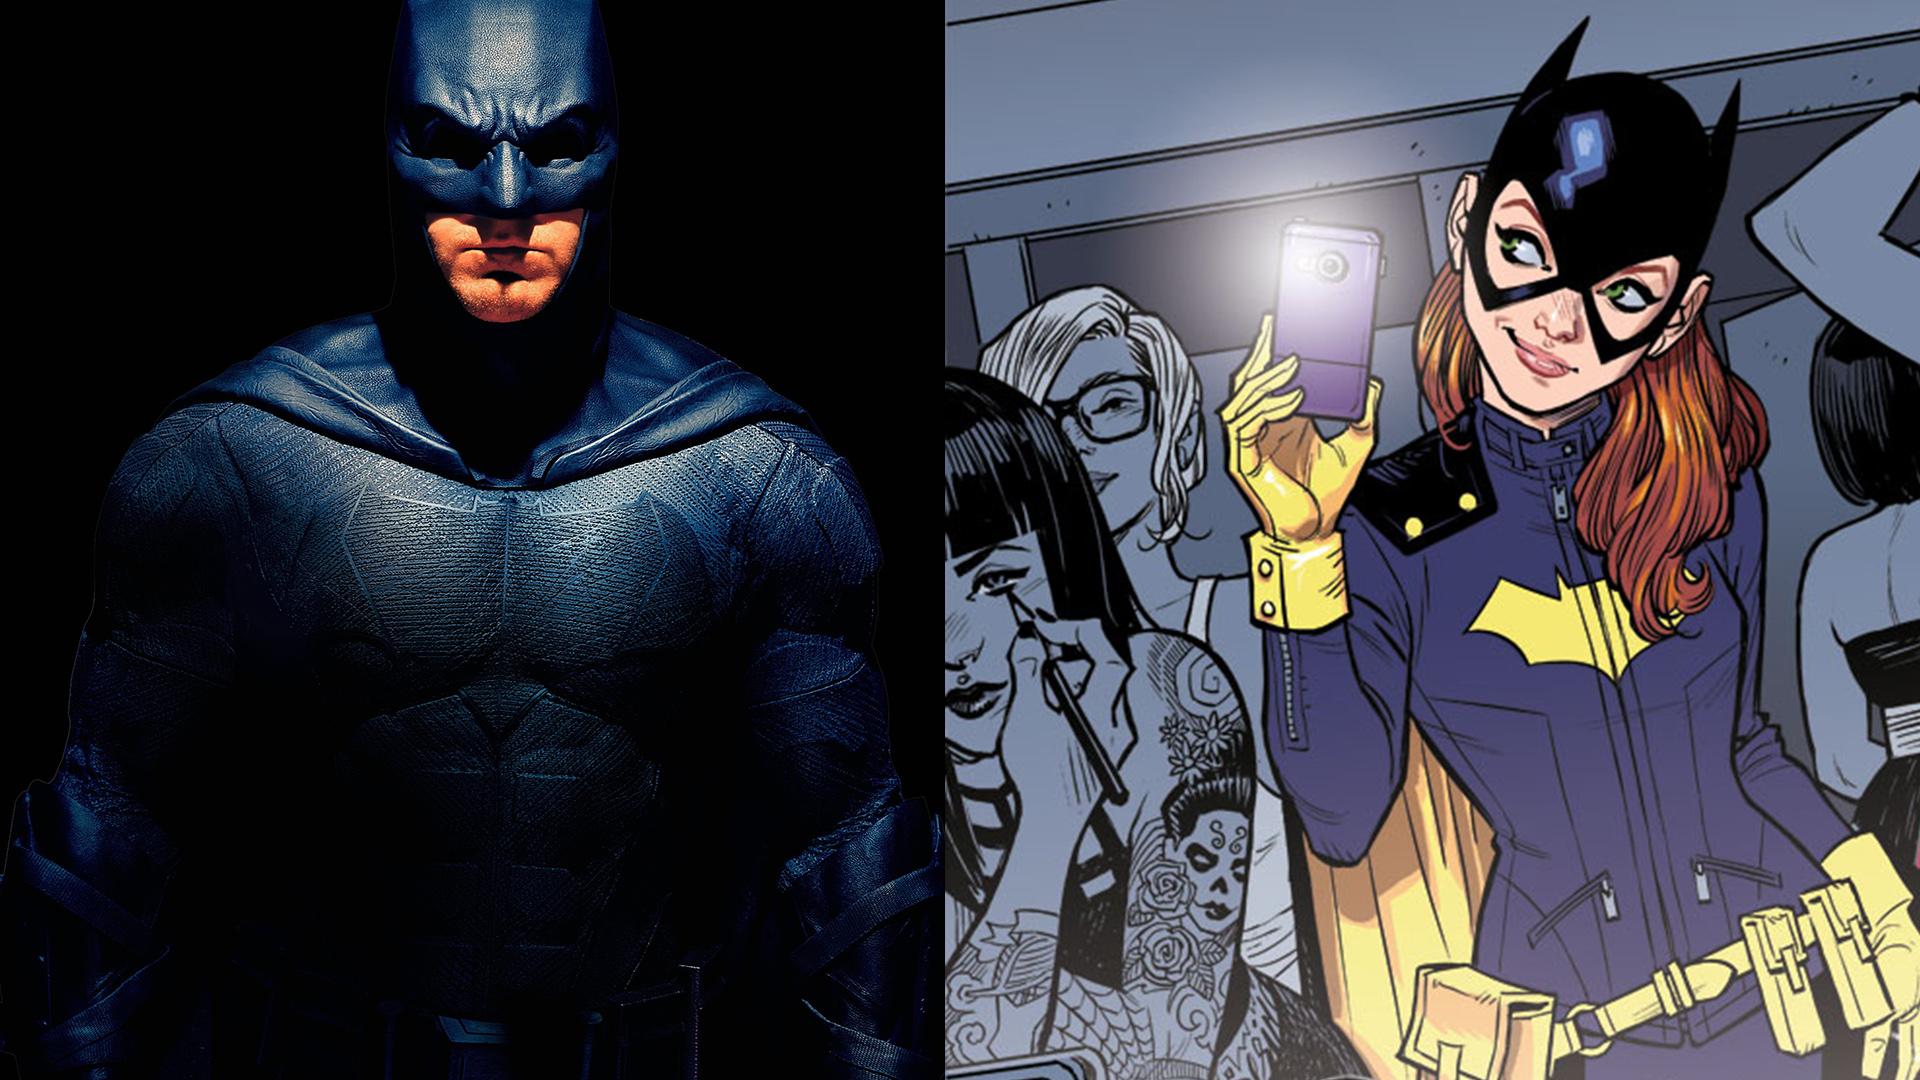 The Batman, Batgirl